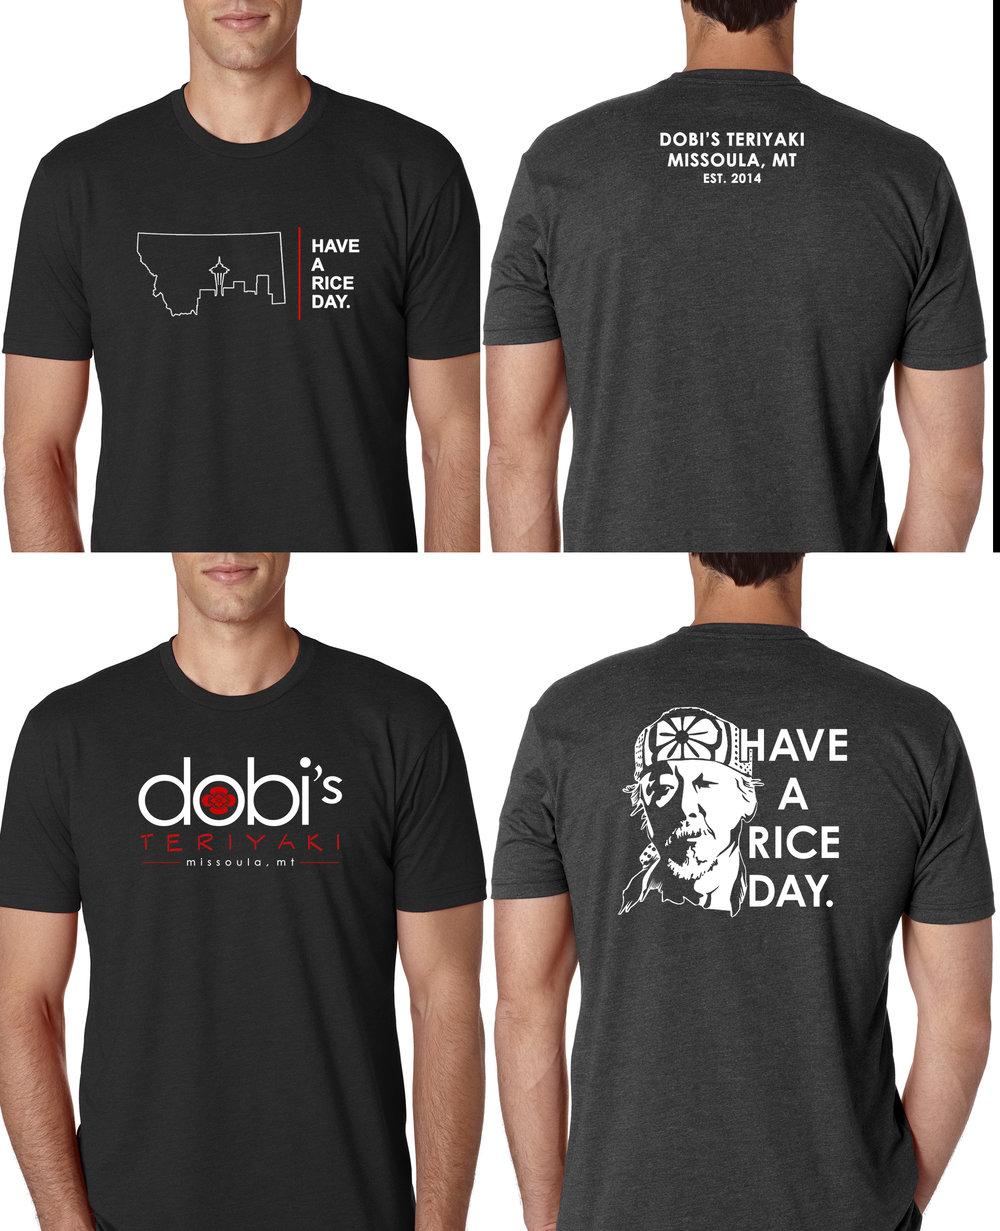 final_shirt_designs.jpg